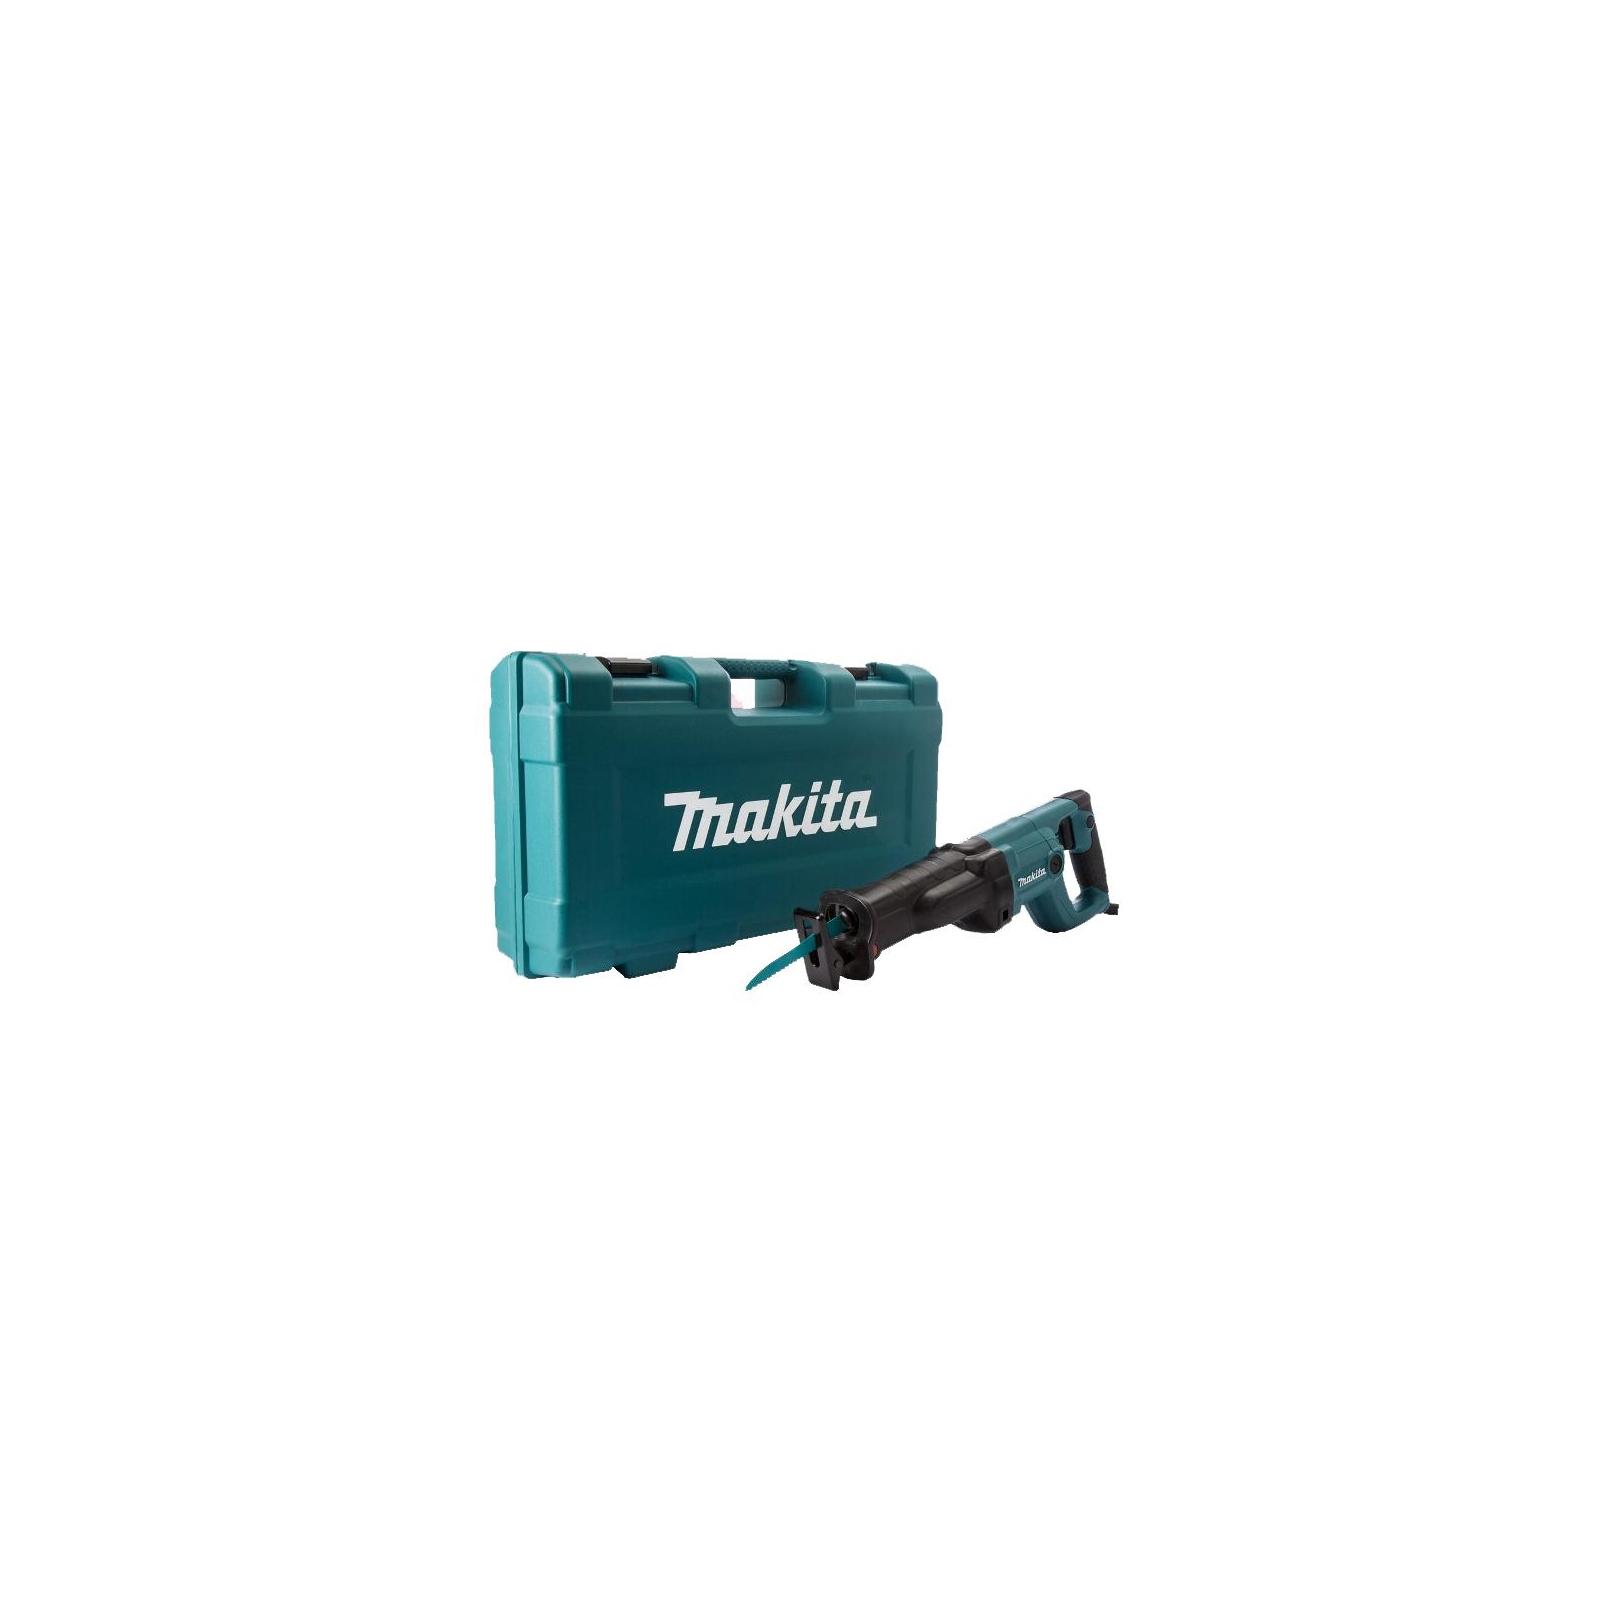 Сабельная пила Makita JR3050T изображение 2